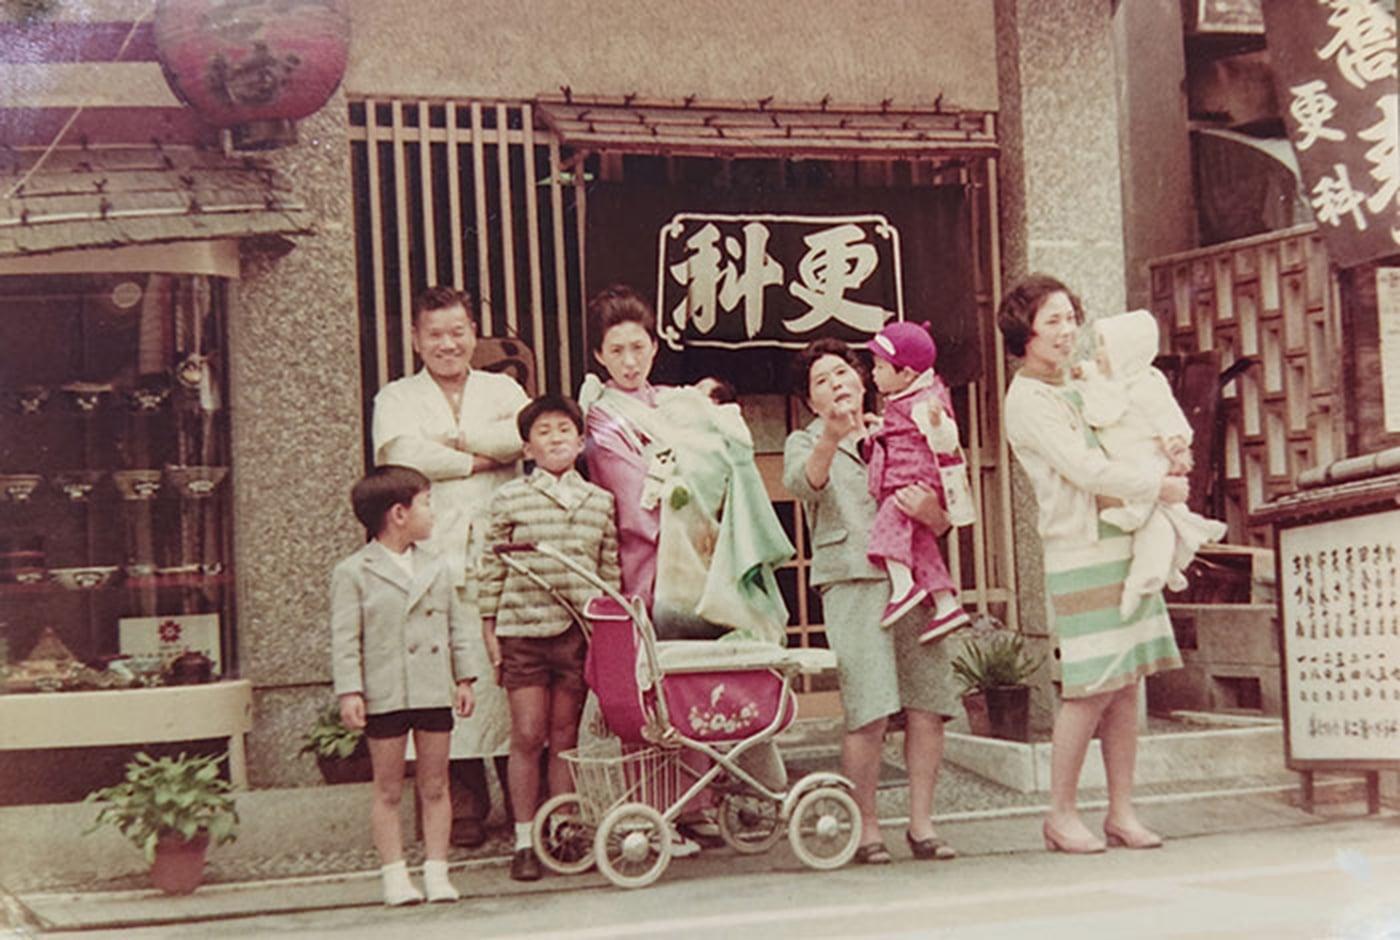 創業者である勘田登喜雄と当時の店名『北本家 更科』での写真